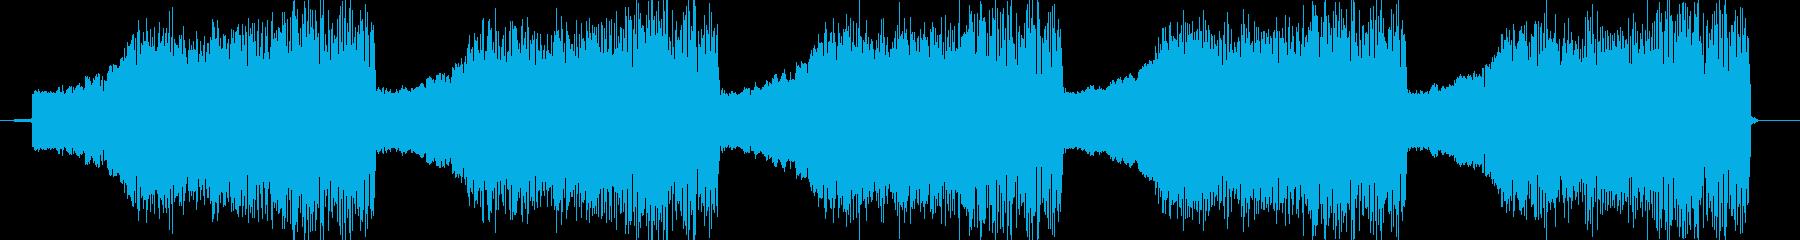 ビビビビビビッ!(警告音)の再生済みの波形